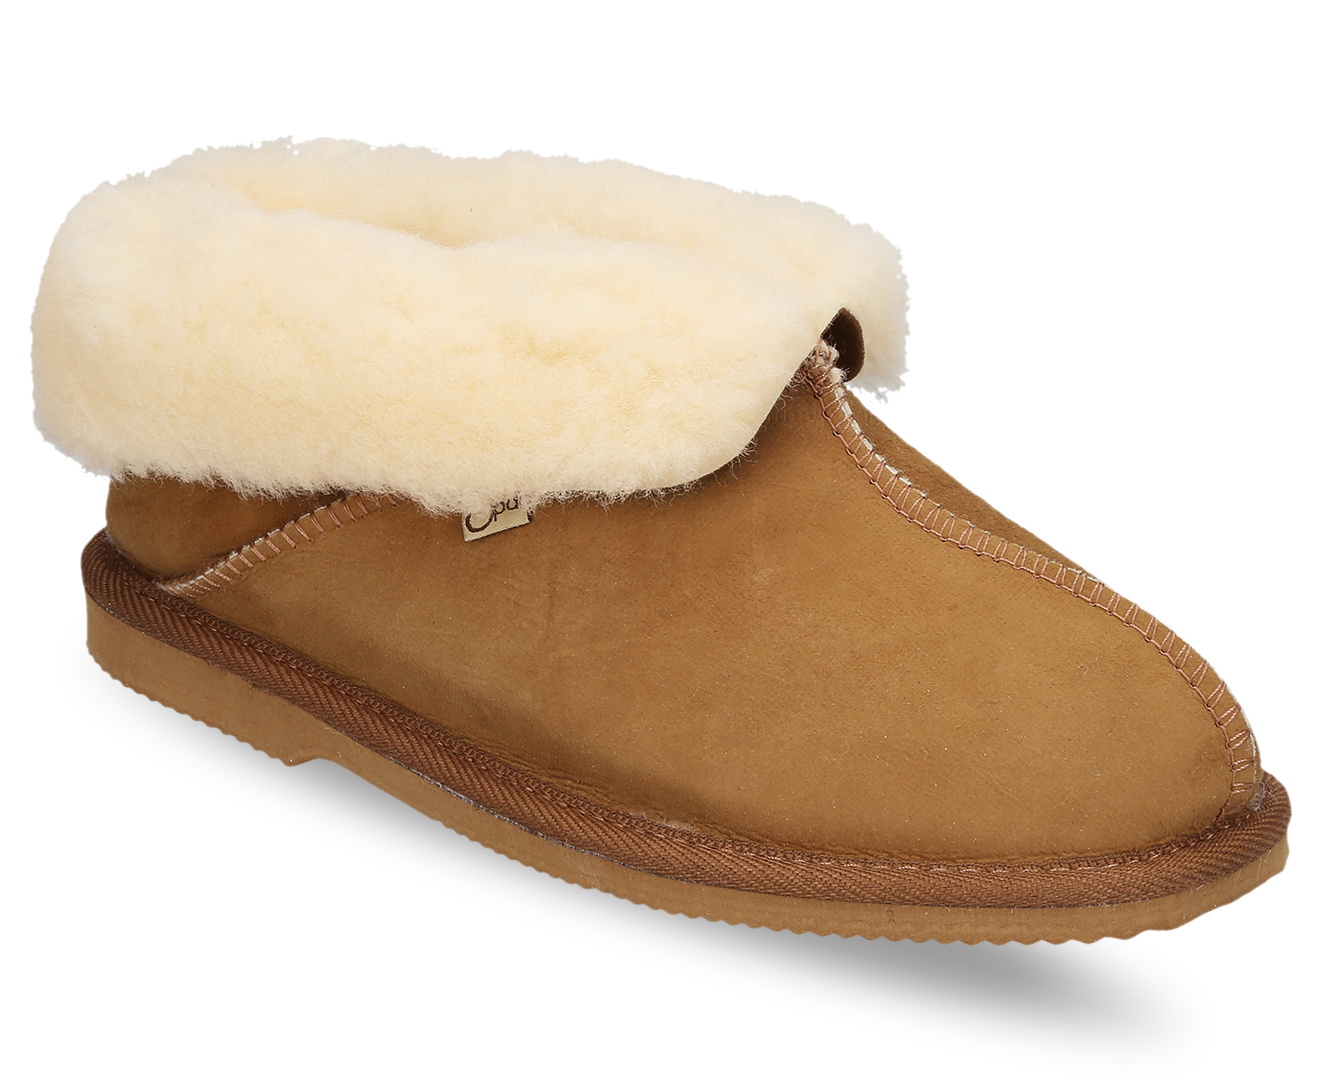 d7eac7b2606 Opal UGG Australian Made Sheepskin Boots - Chestnut